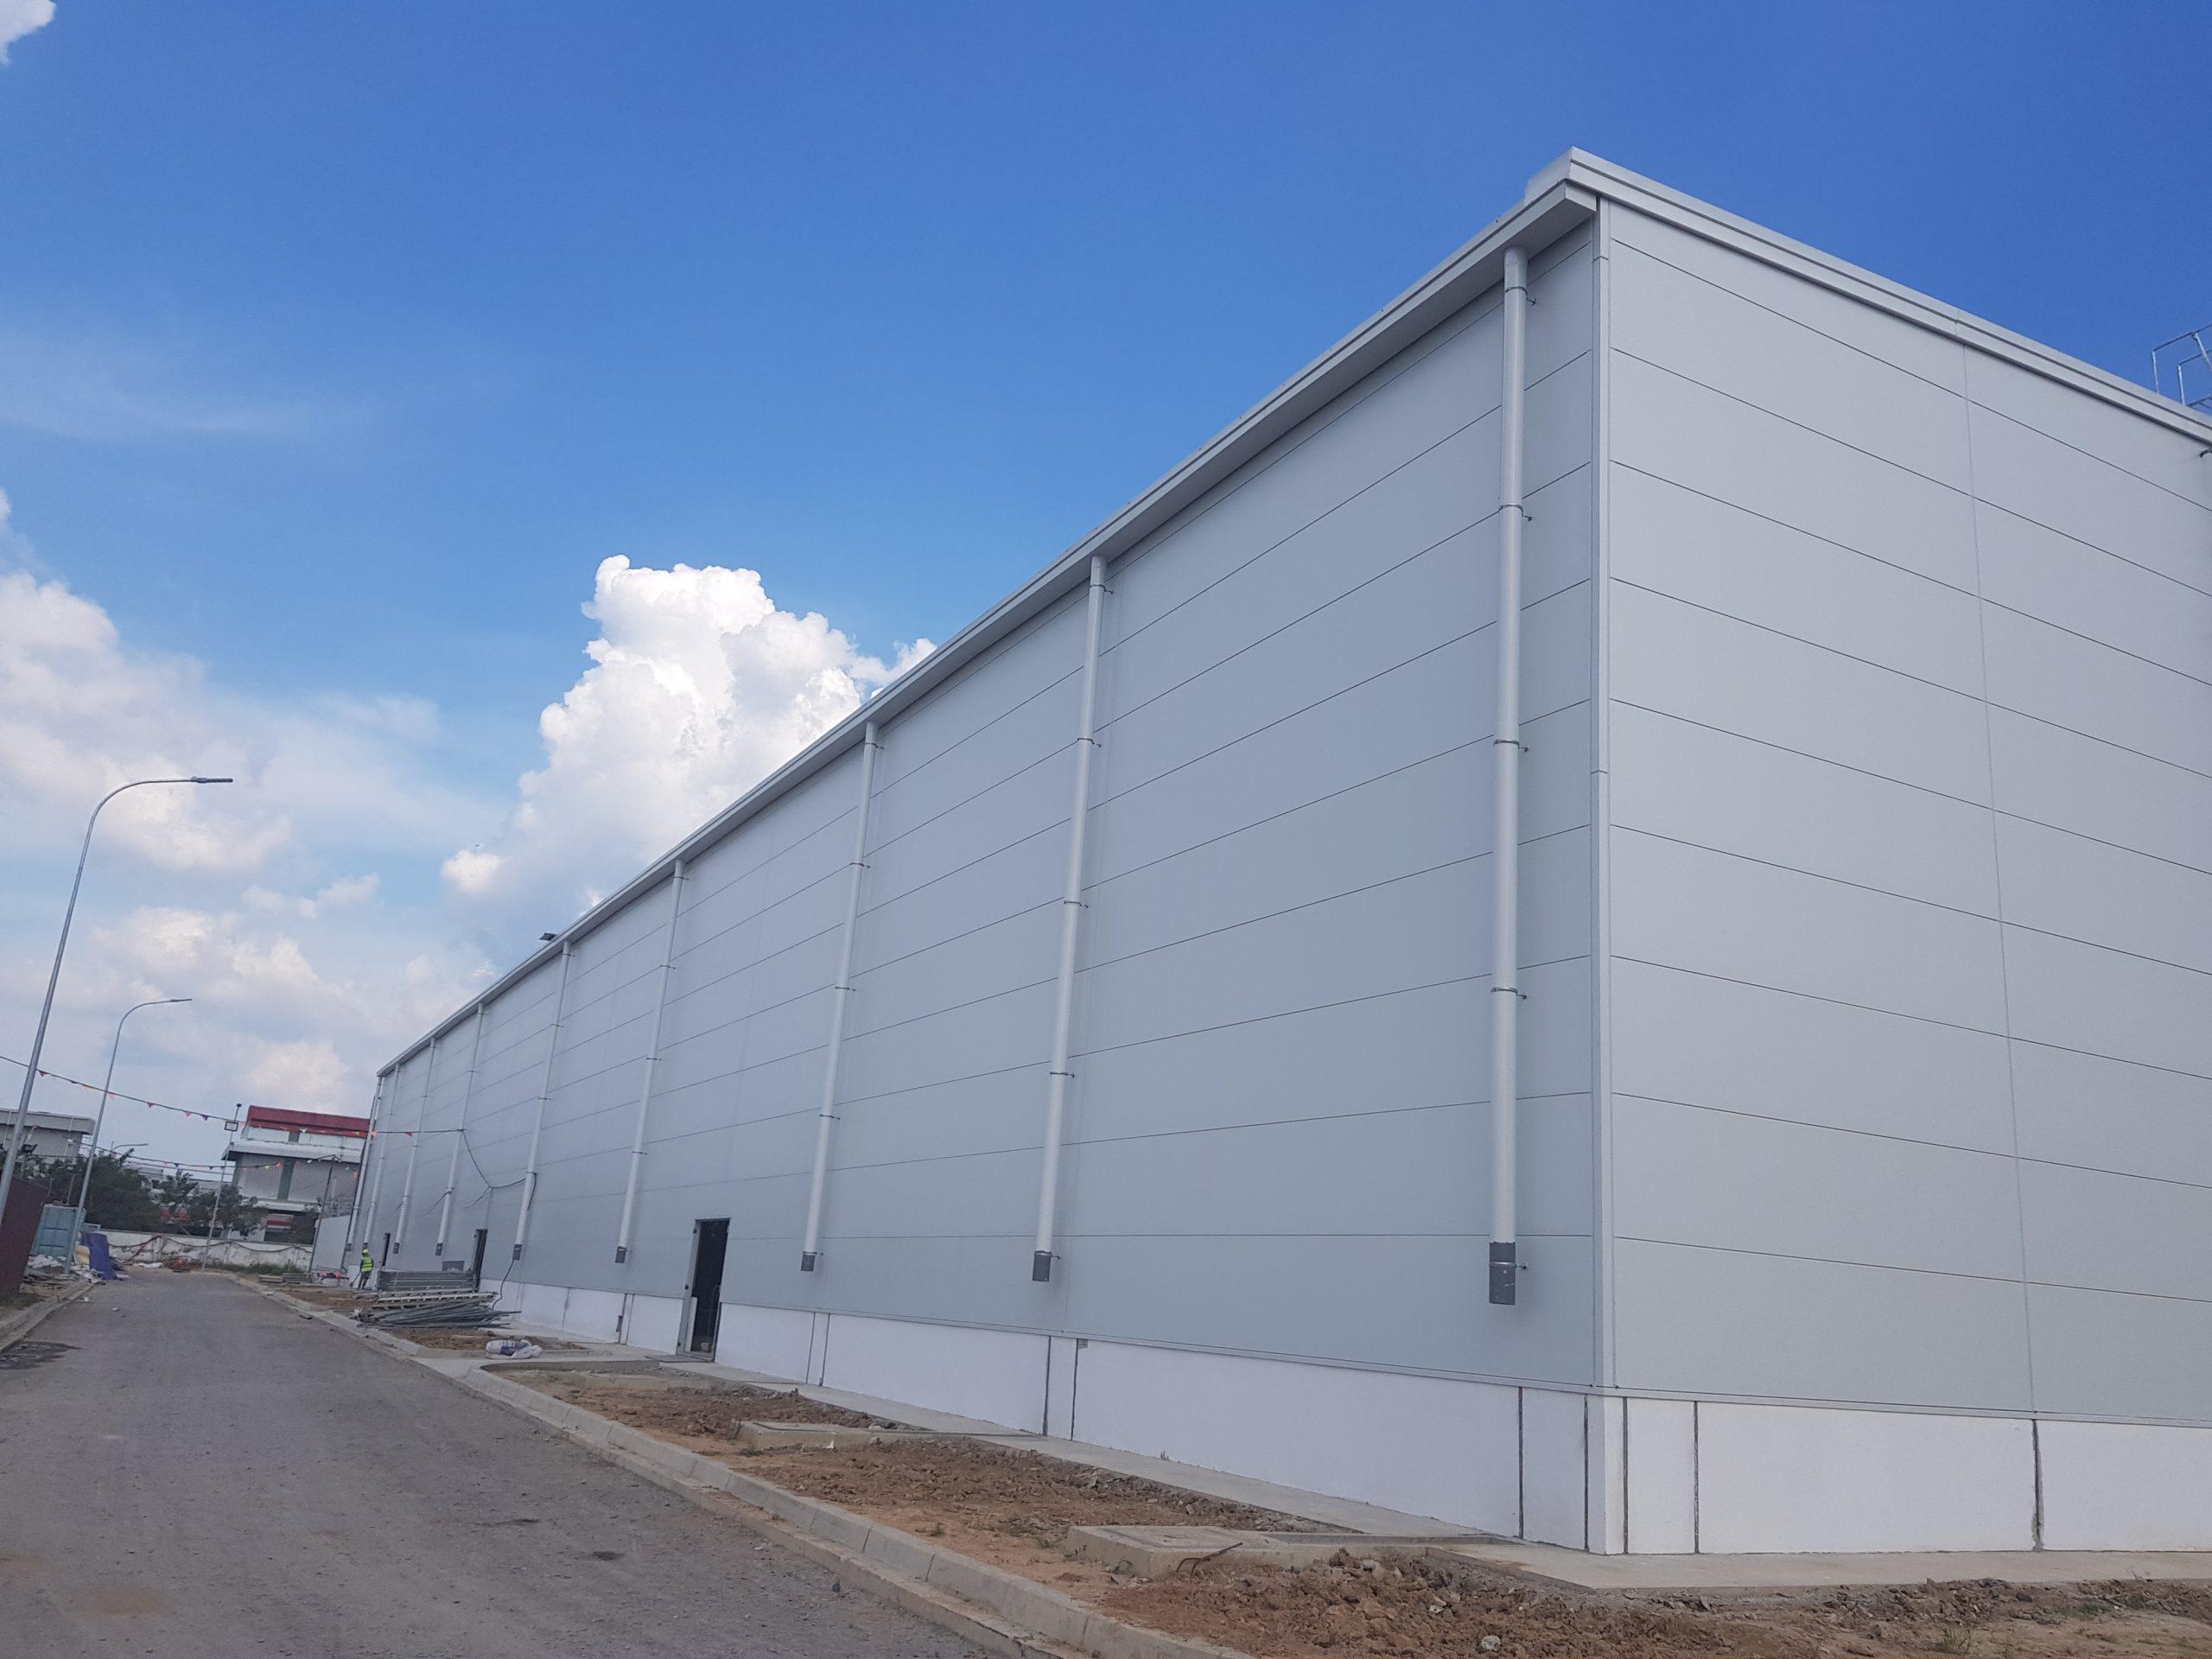 Giải pháp mở rộng nhà xưởng tiền chế từ PEB Steel - 1